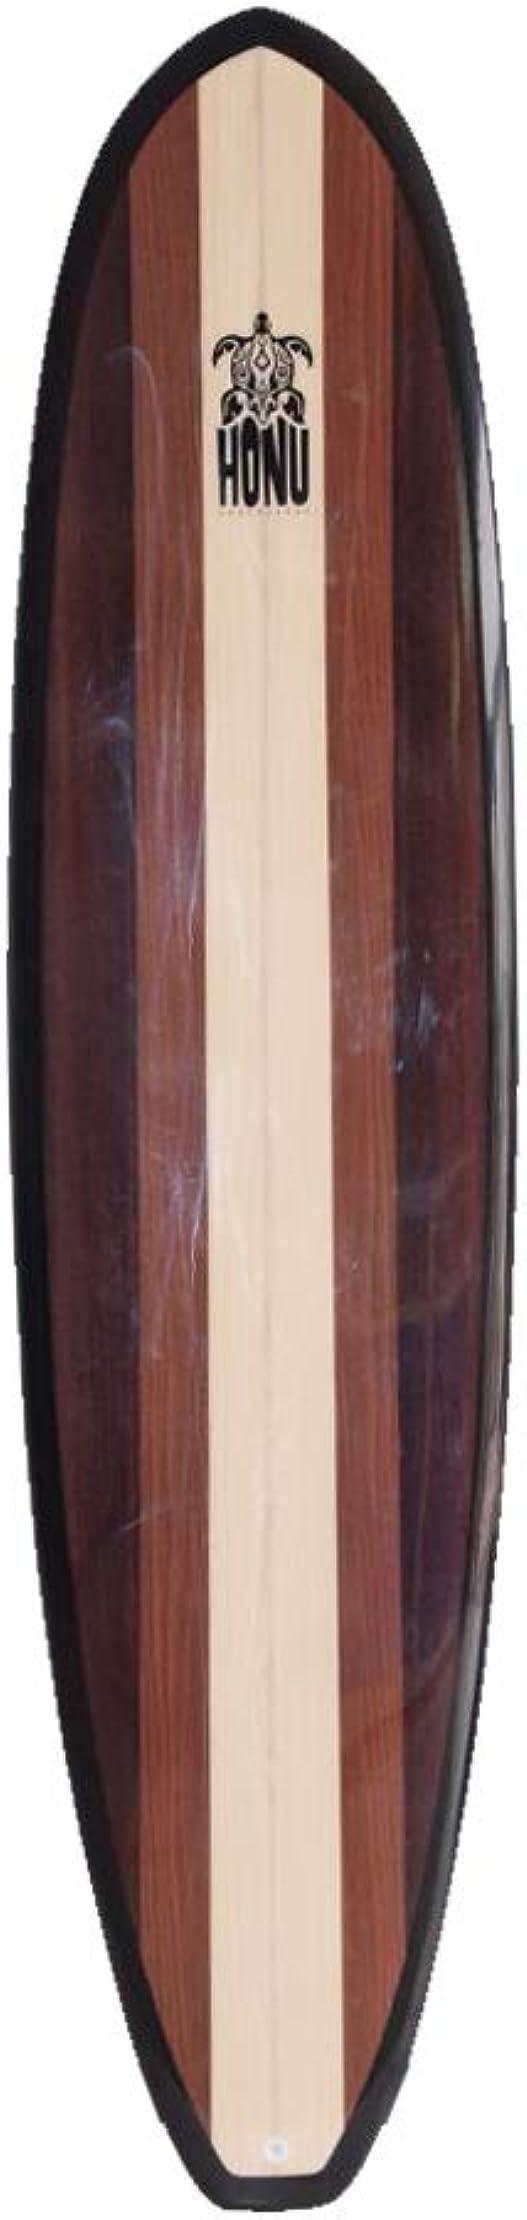 Tavola da surf mini malibu, minimalibu 7`0 + 3 derive hong B07L6BPNBG